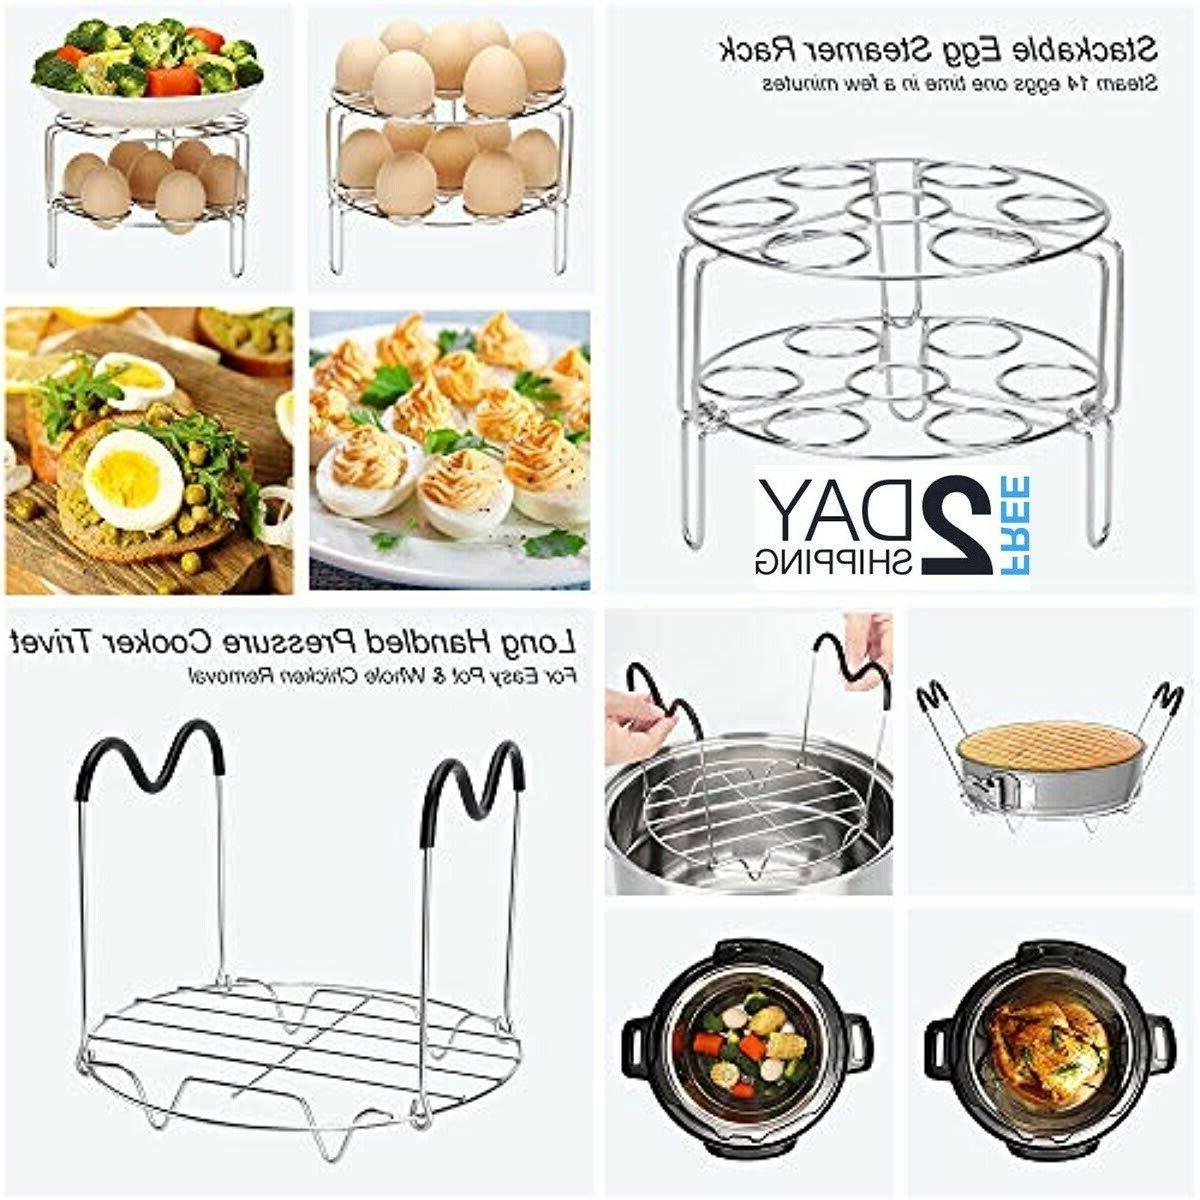 22 Pcs Cooker Accessories Set Instant 5,6,8 Qt, 2